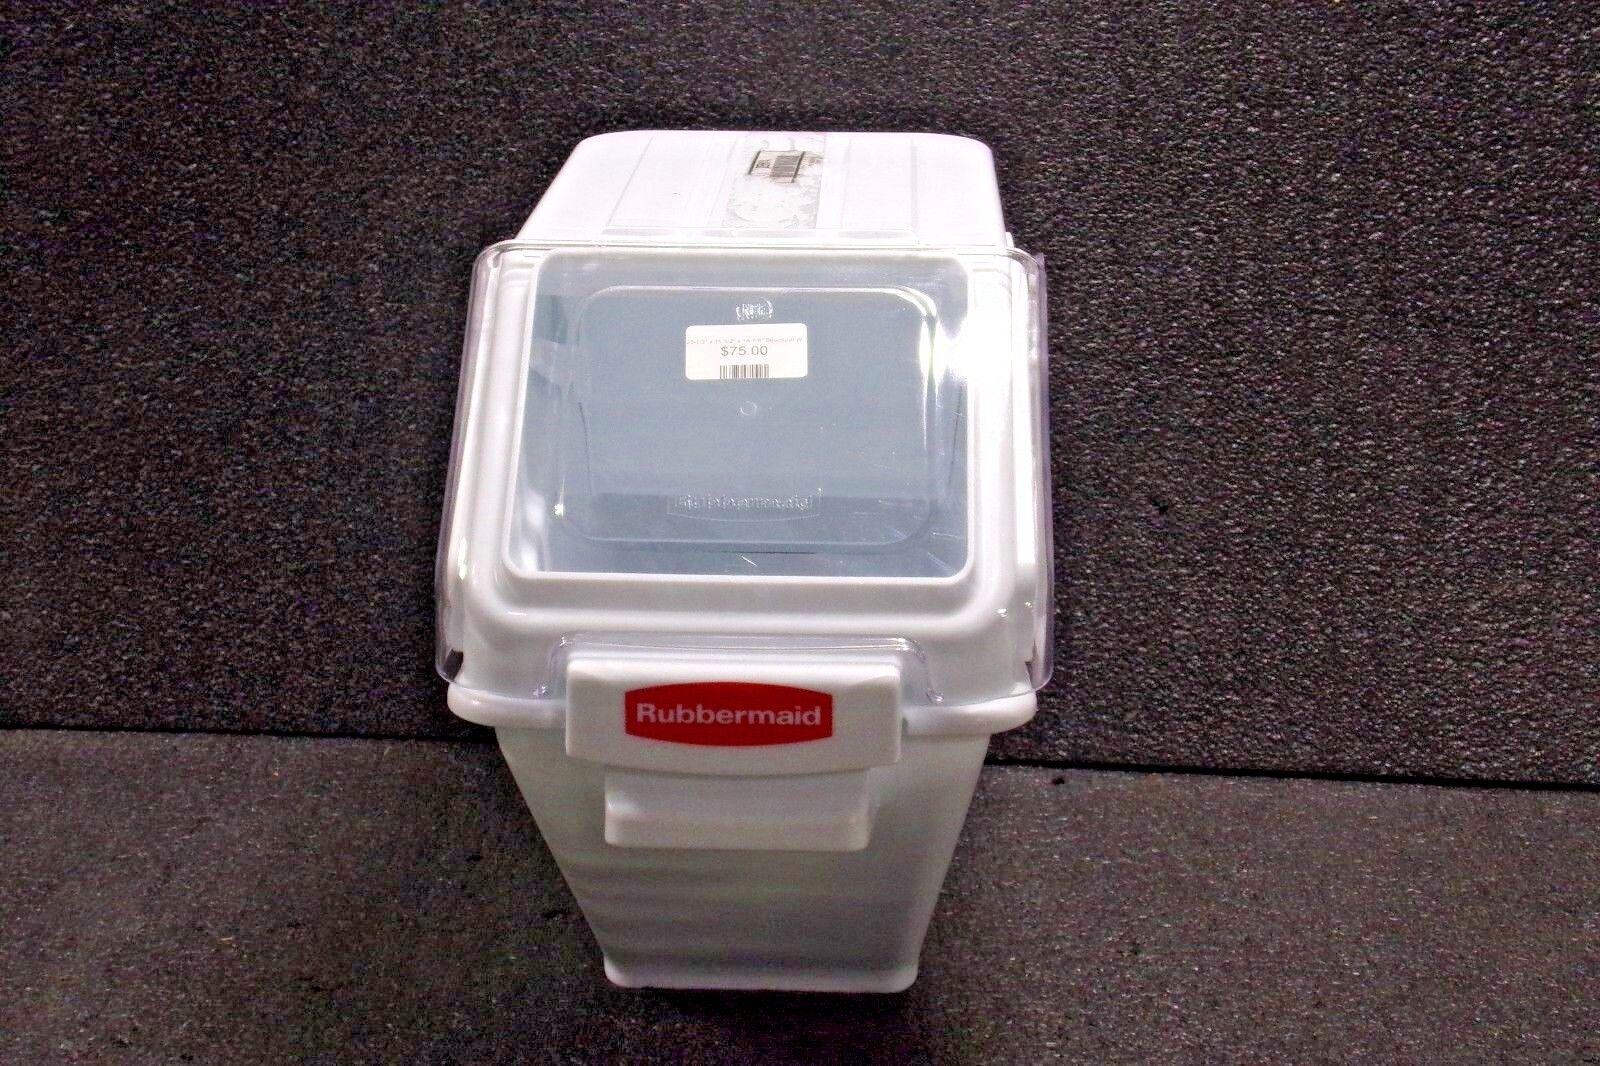 RUBBERMAID 23-1 2  X 11-1 2  X 16-7 8  Cubo de almacenamiento masivo web estructural, blancoo